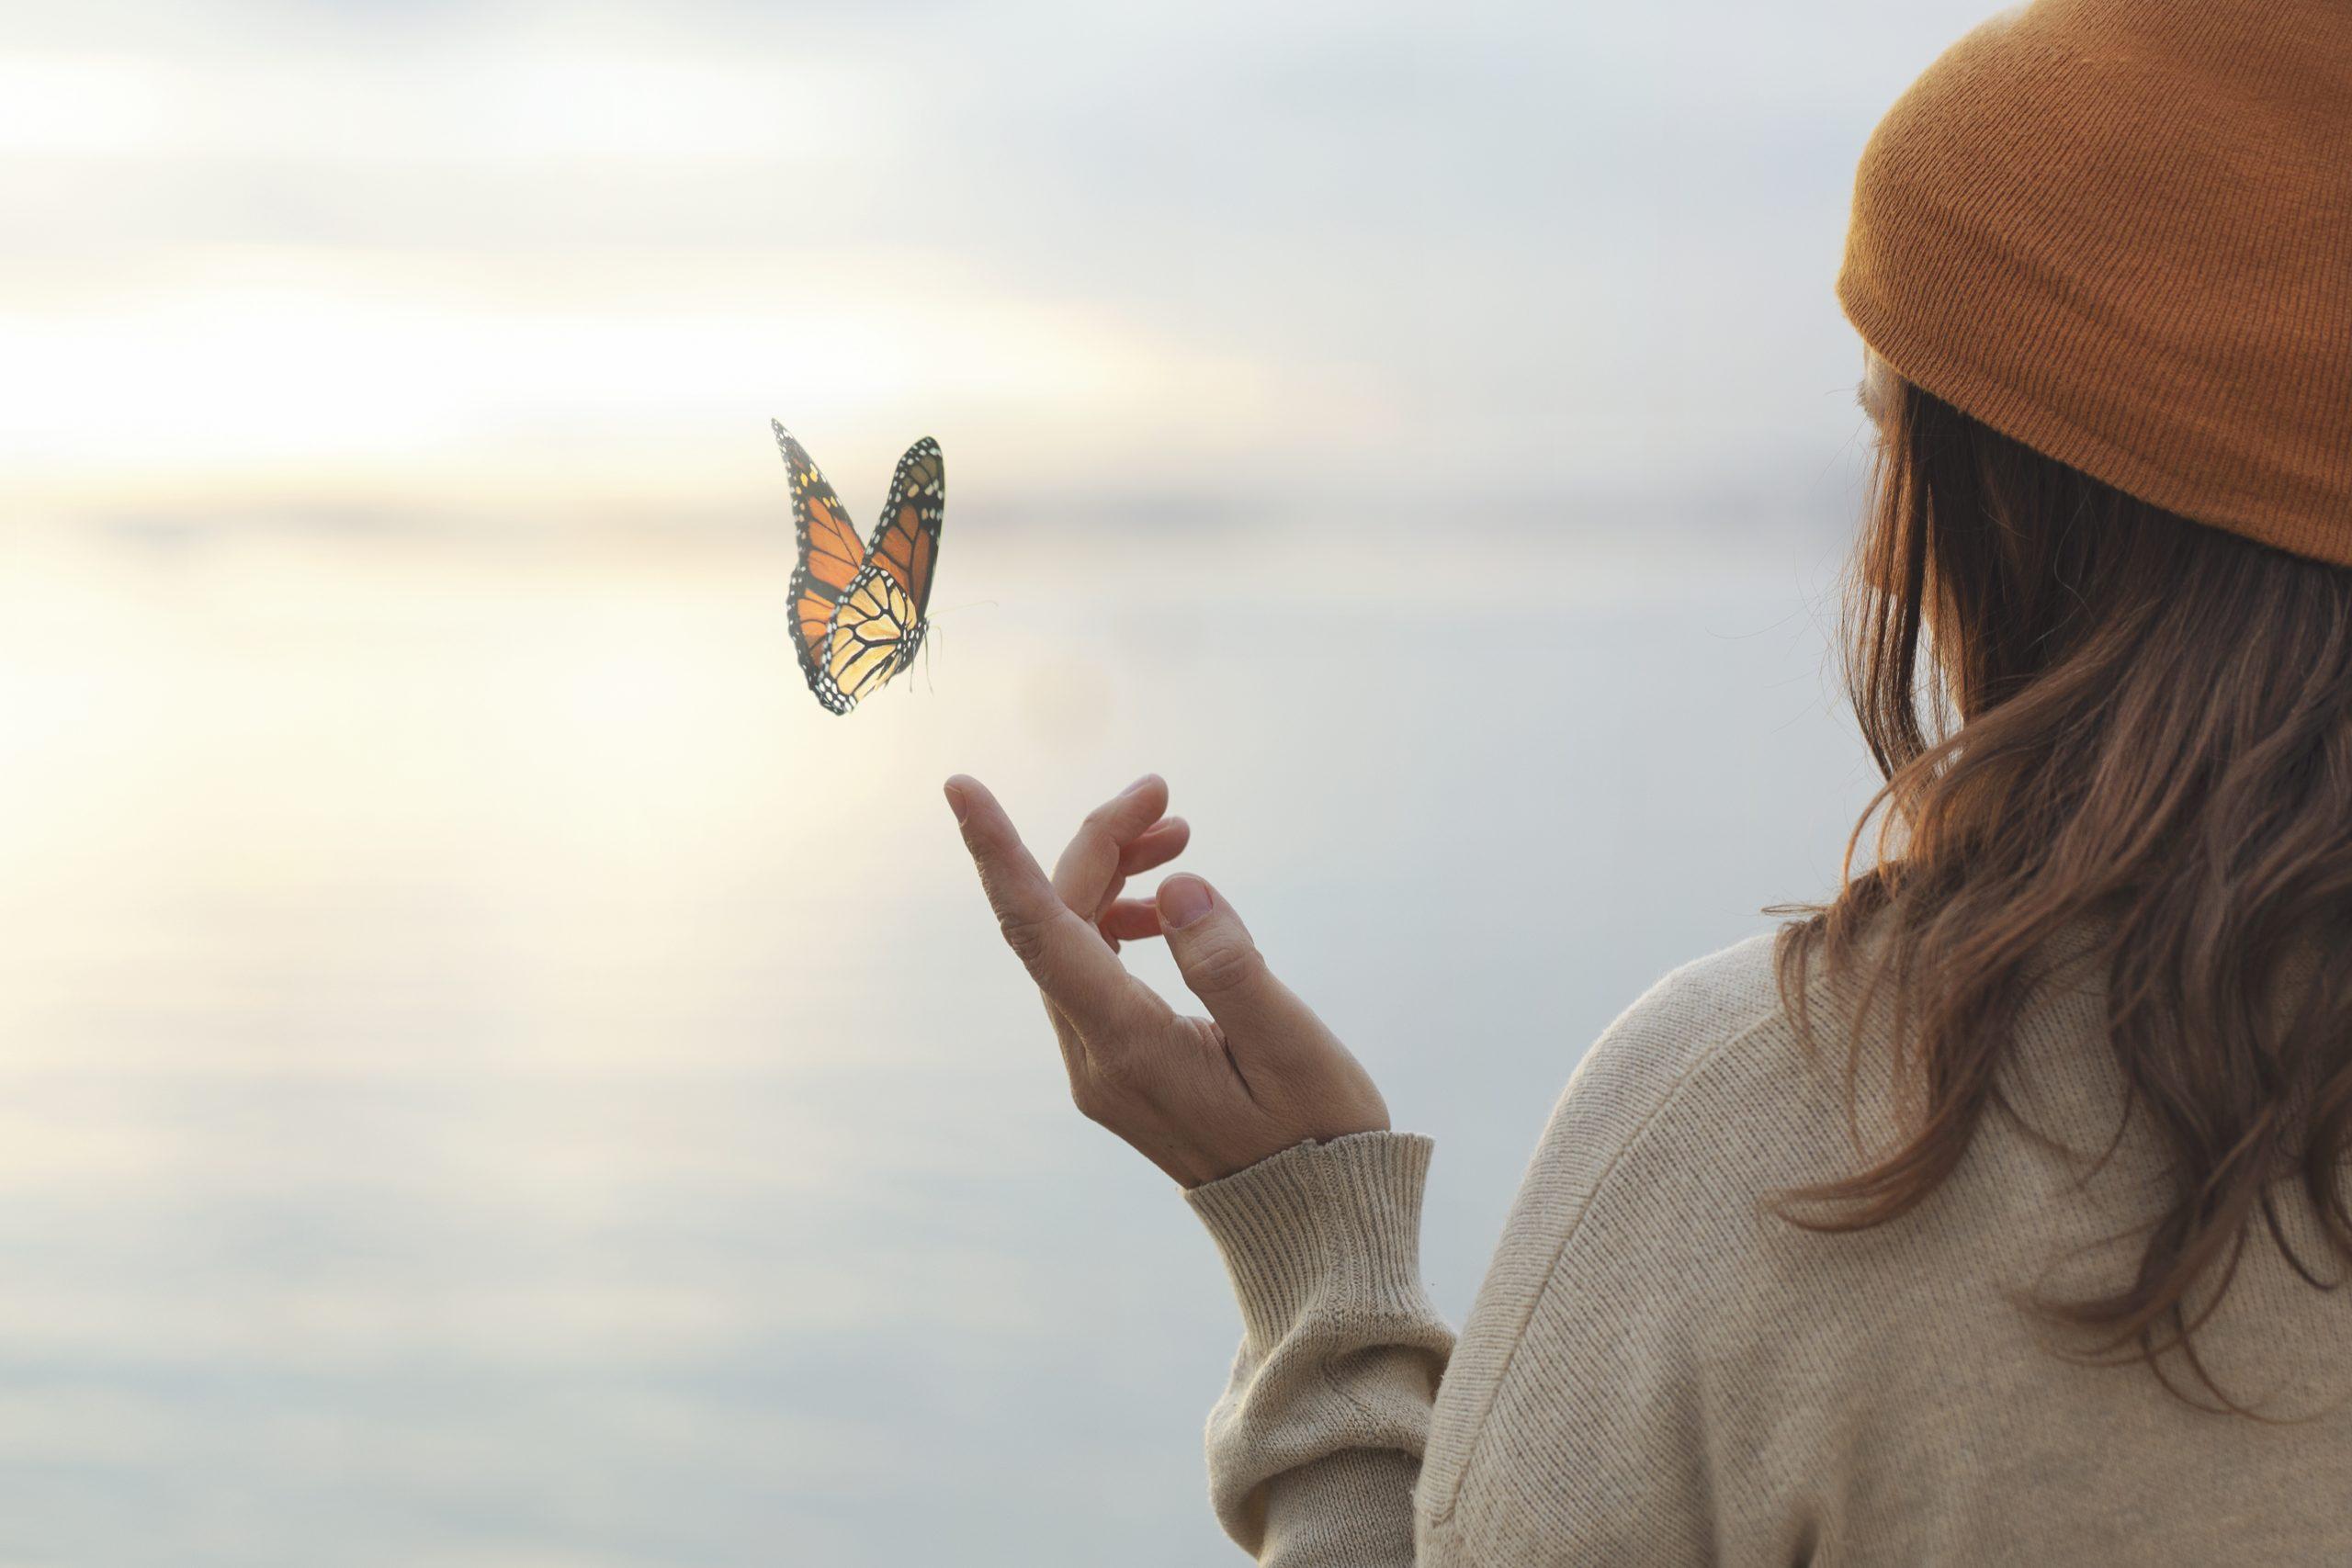 Veränderung ist eine Frage des Bewusstseins